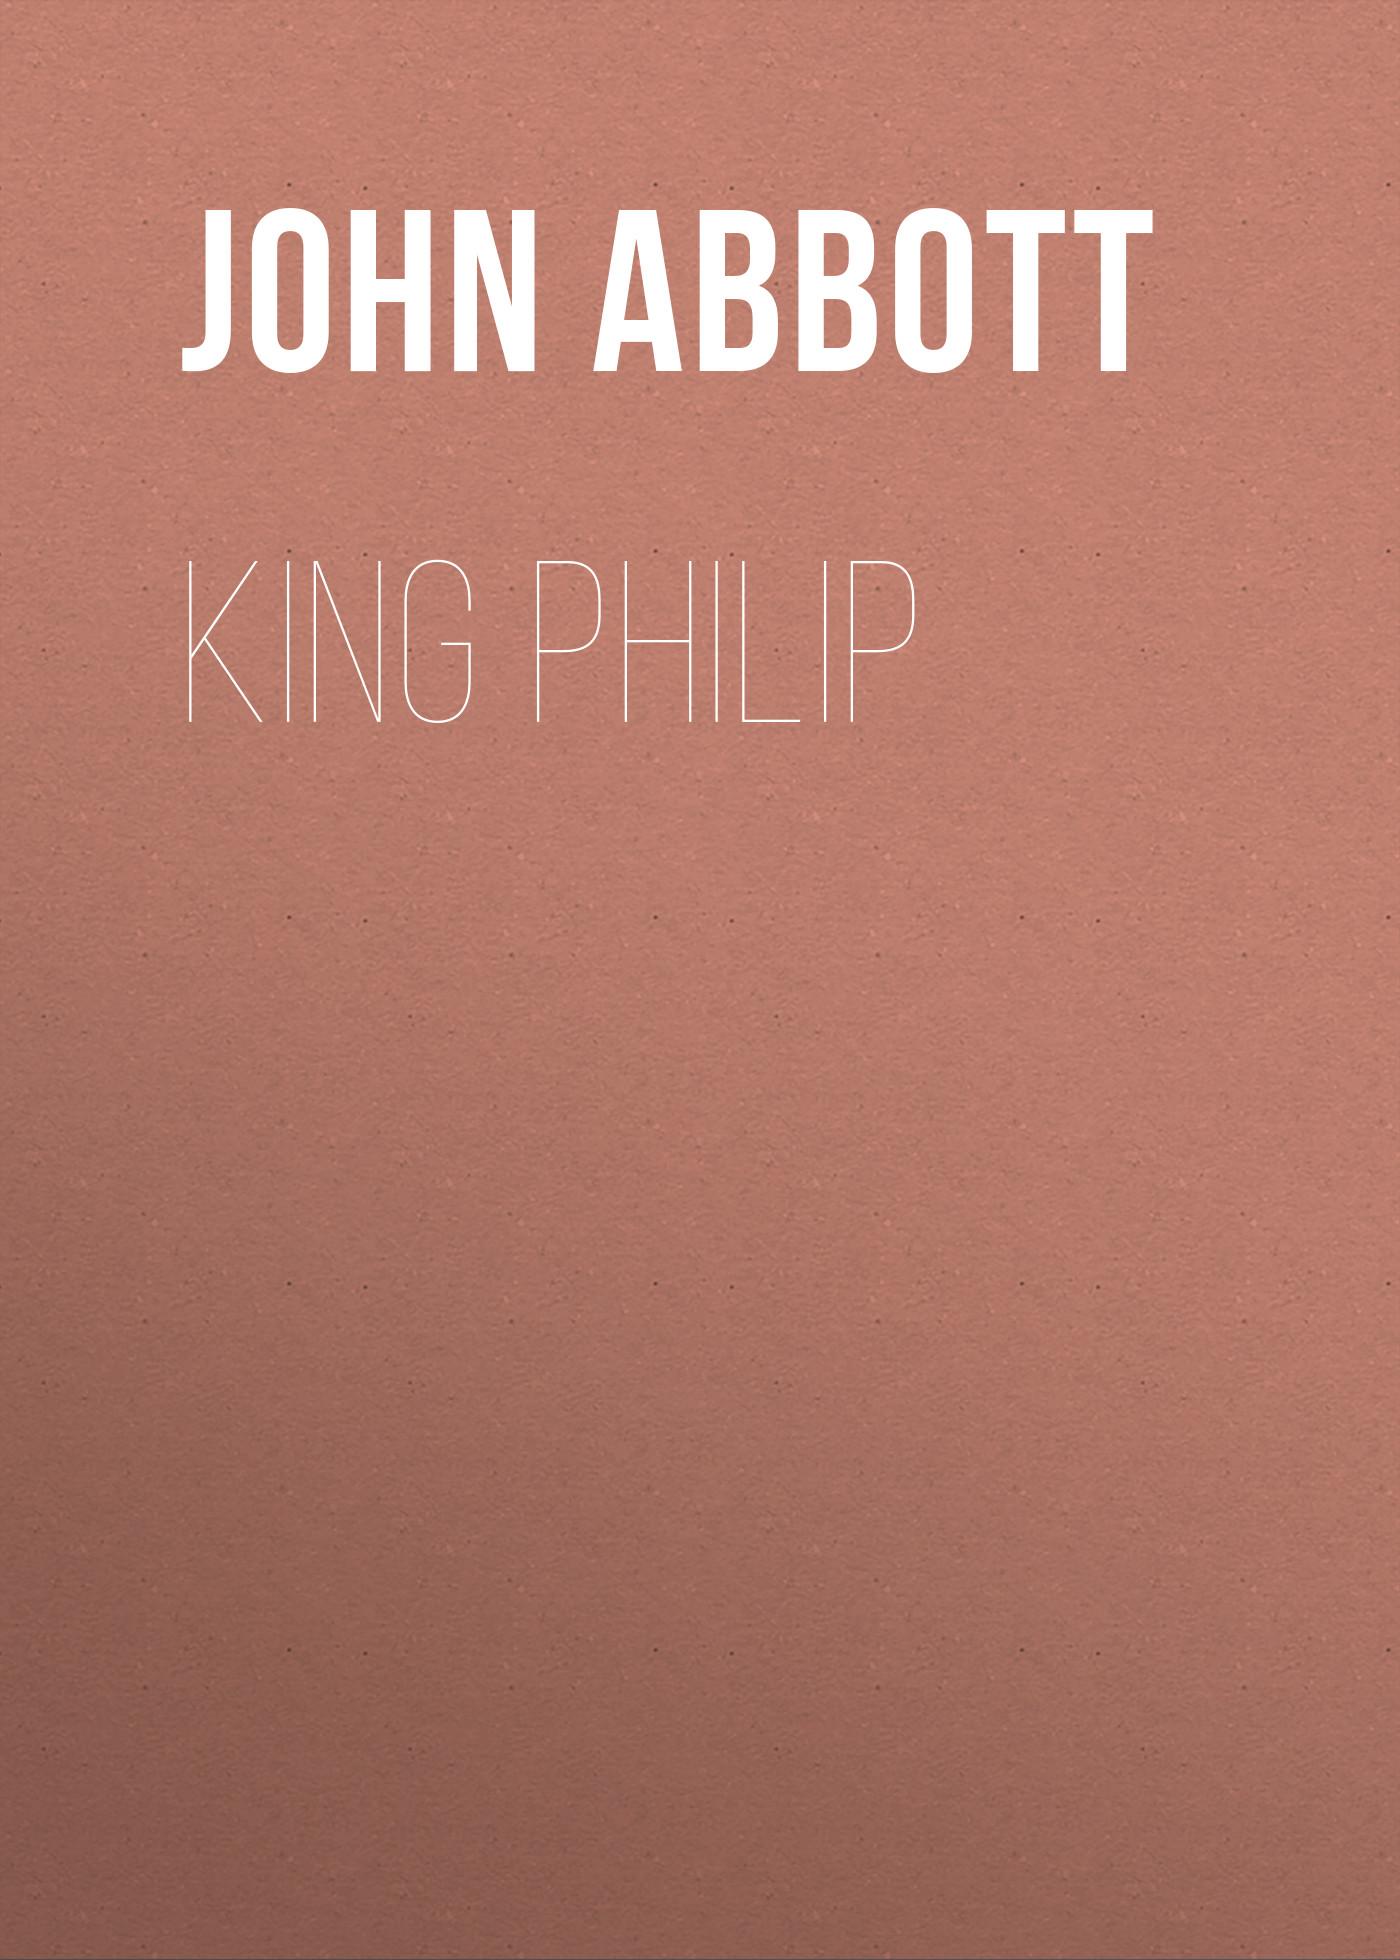 Abbott John Stevens Cabot King Philip цена